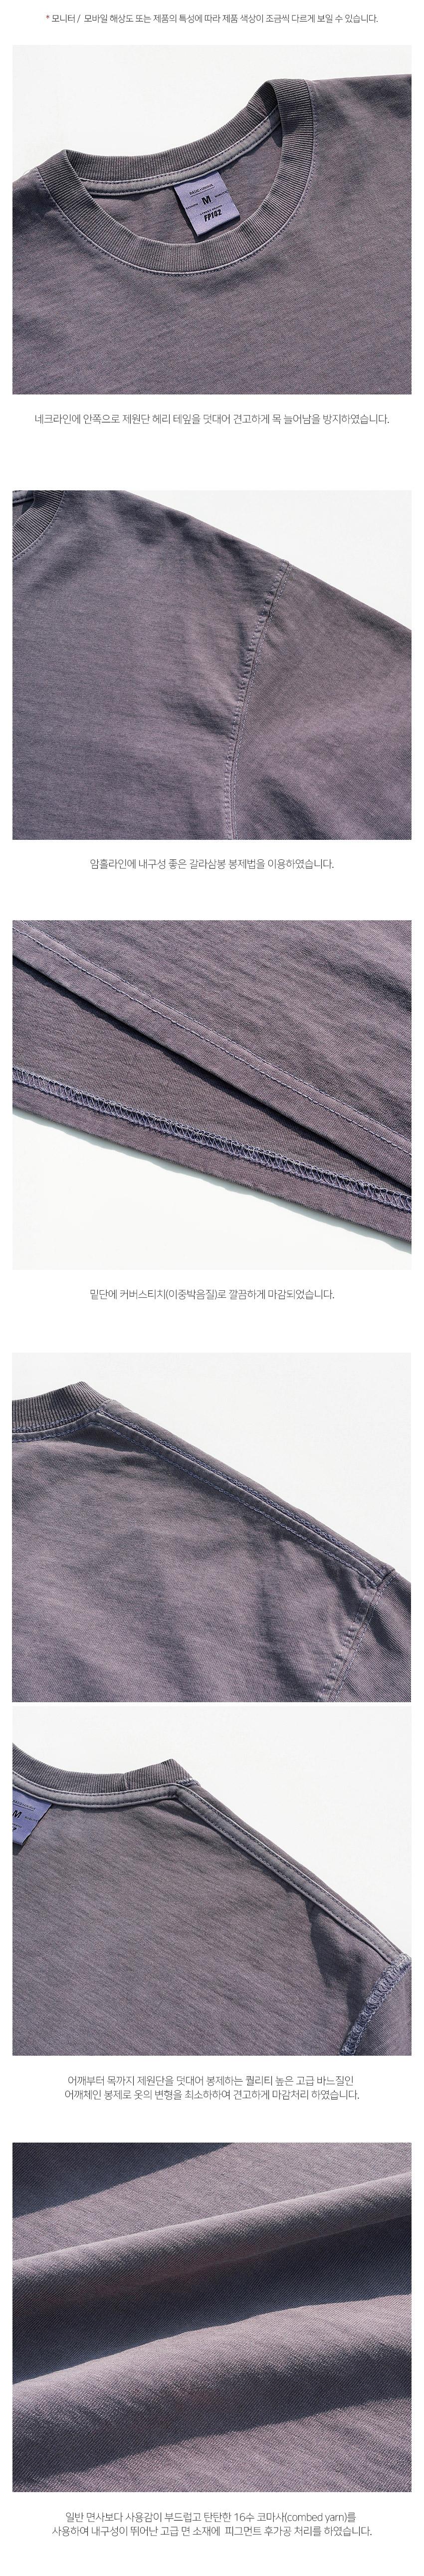 5_SJST1267_detail_purple2_sn.jpg